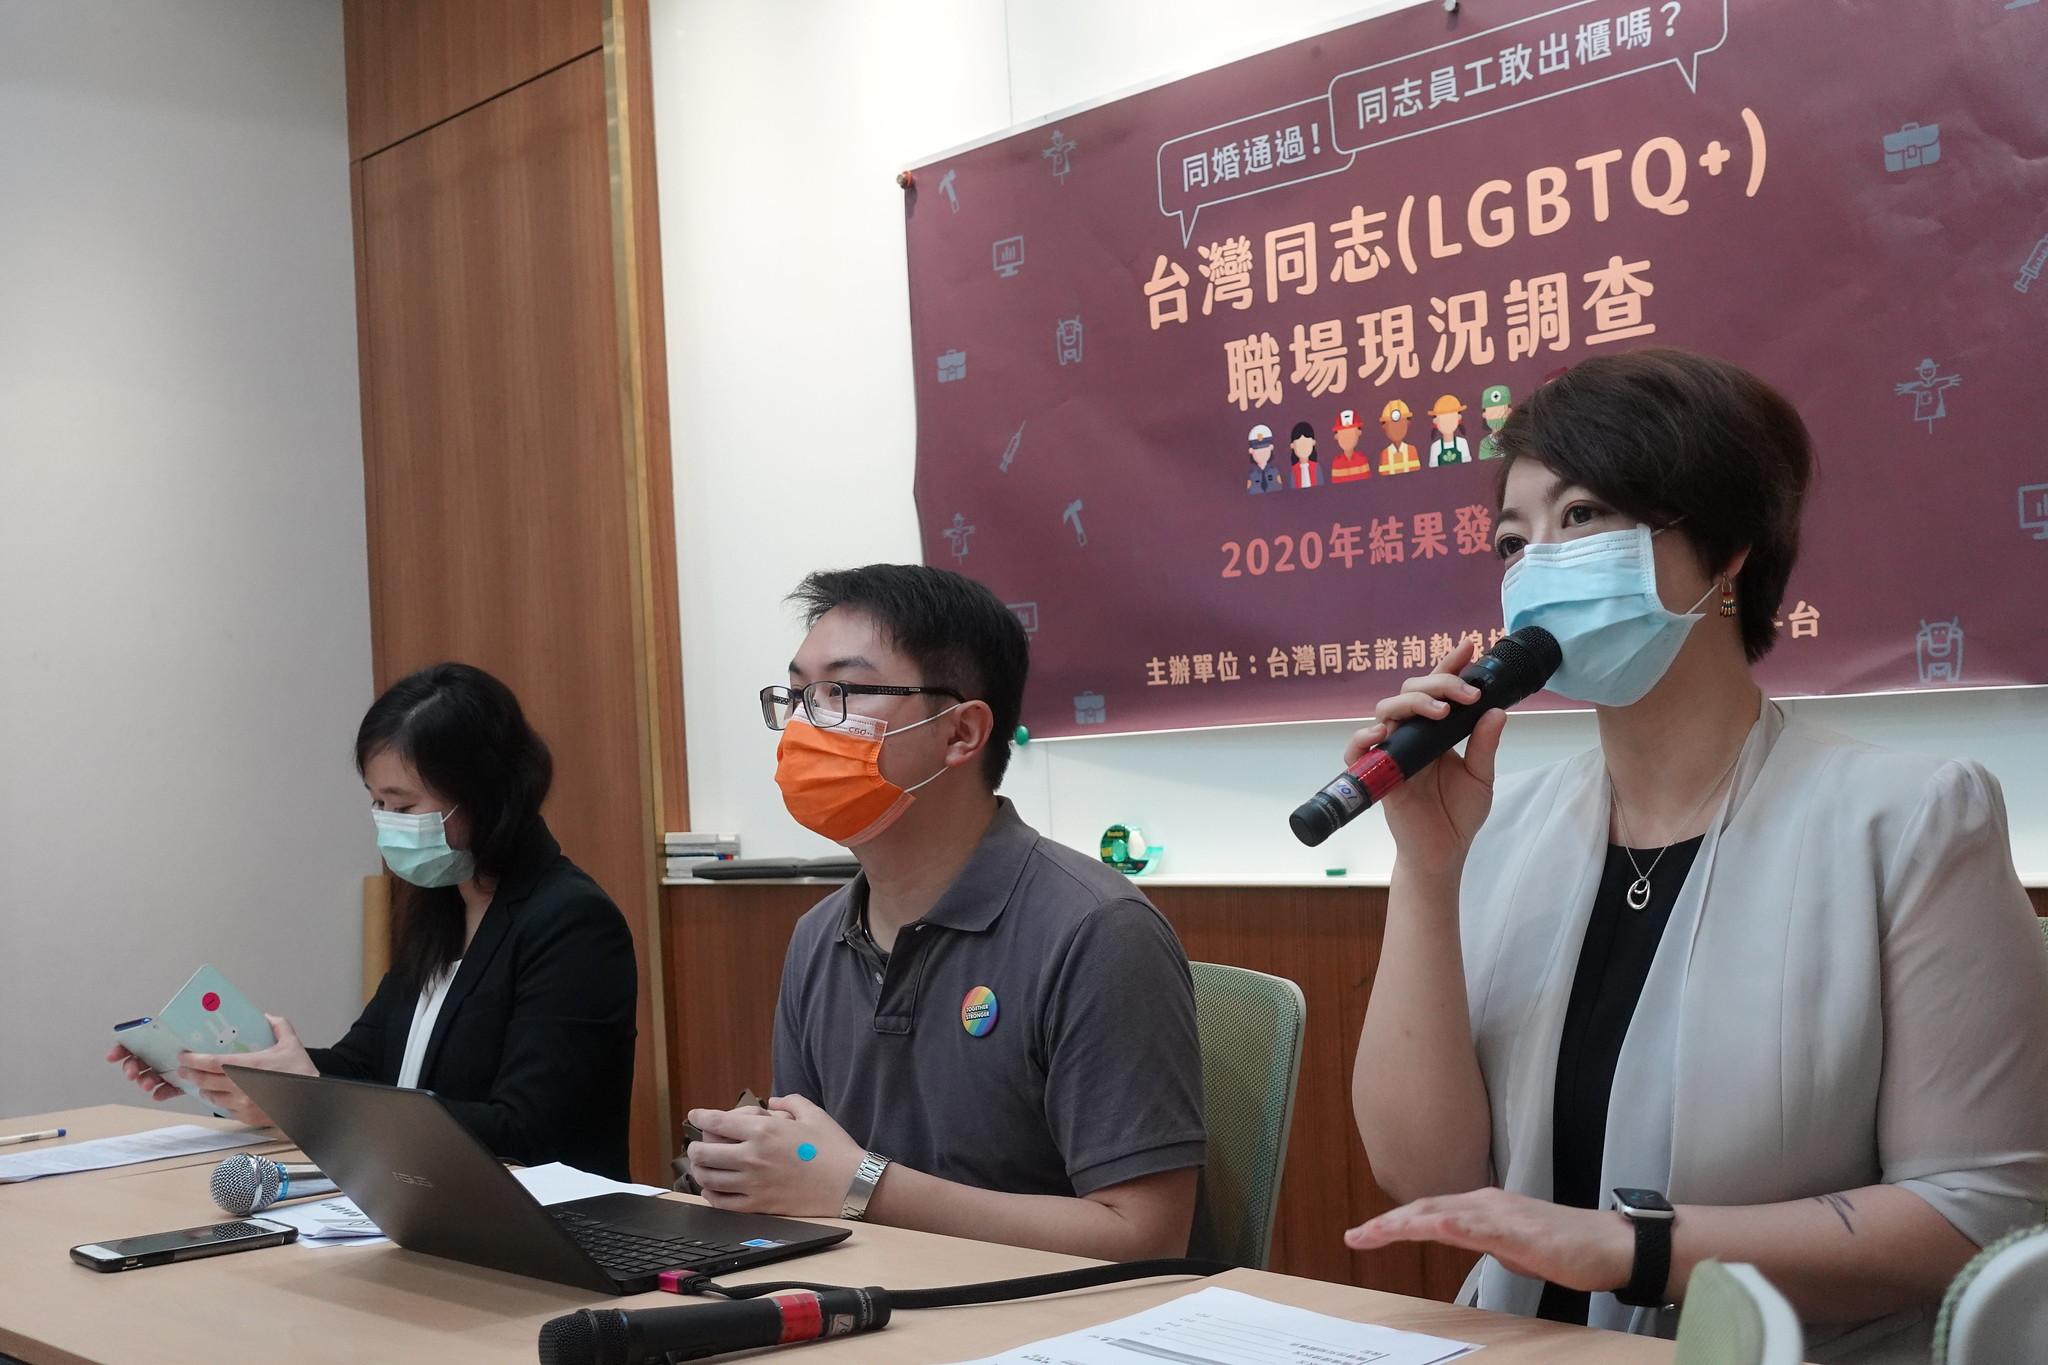 同志團體公布「2020年台灣同志職場現況」調查結果,顯示同婚後職場的性別友善程度仍有待改善。(攝影:張智琦)